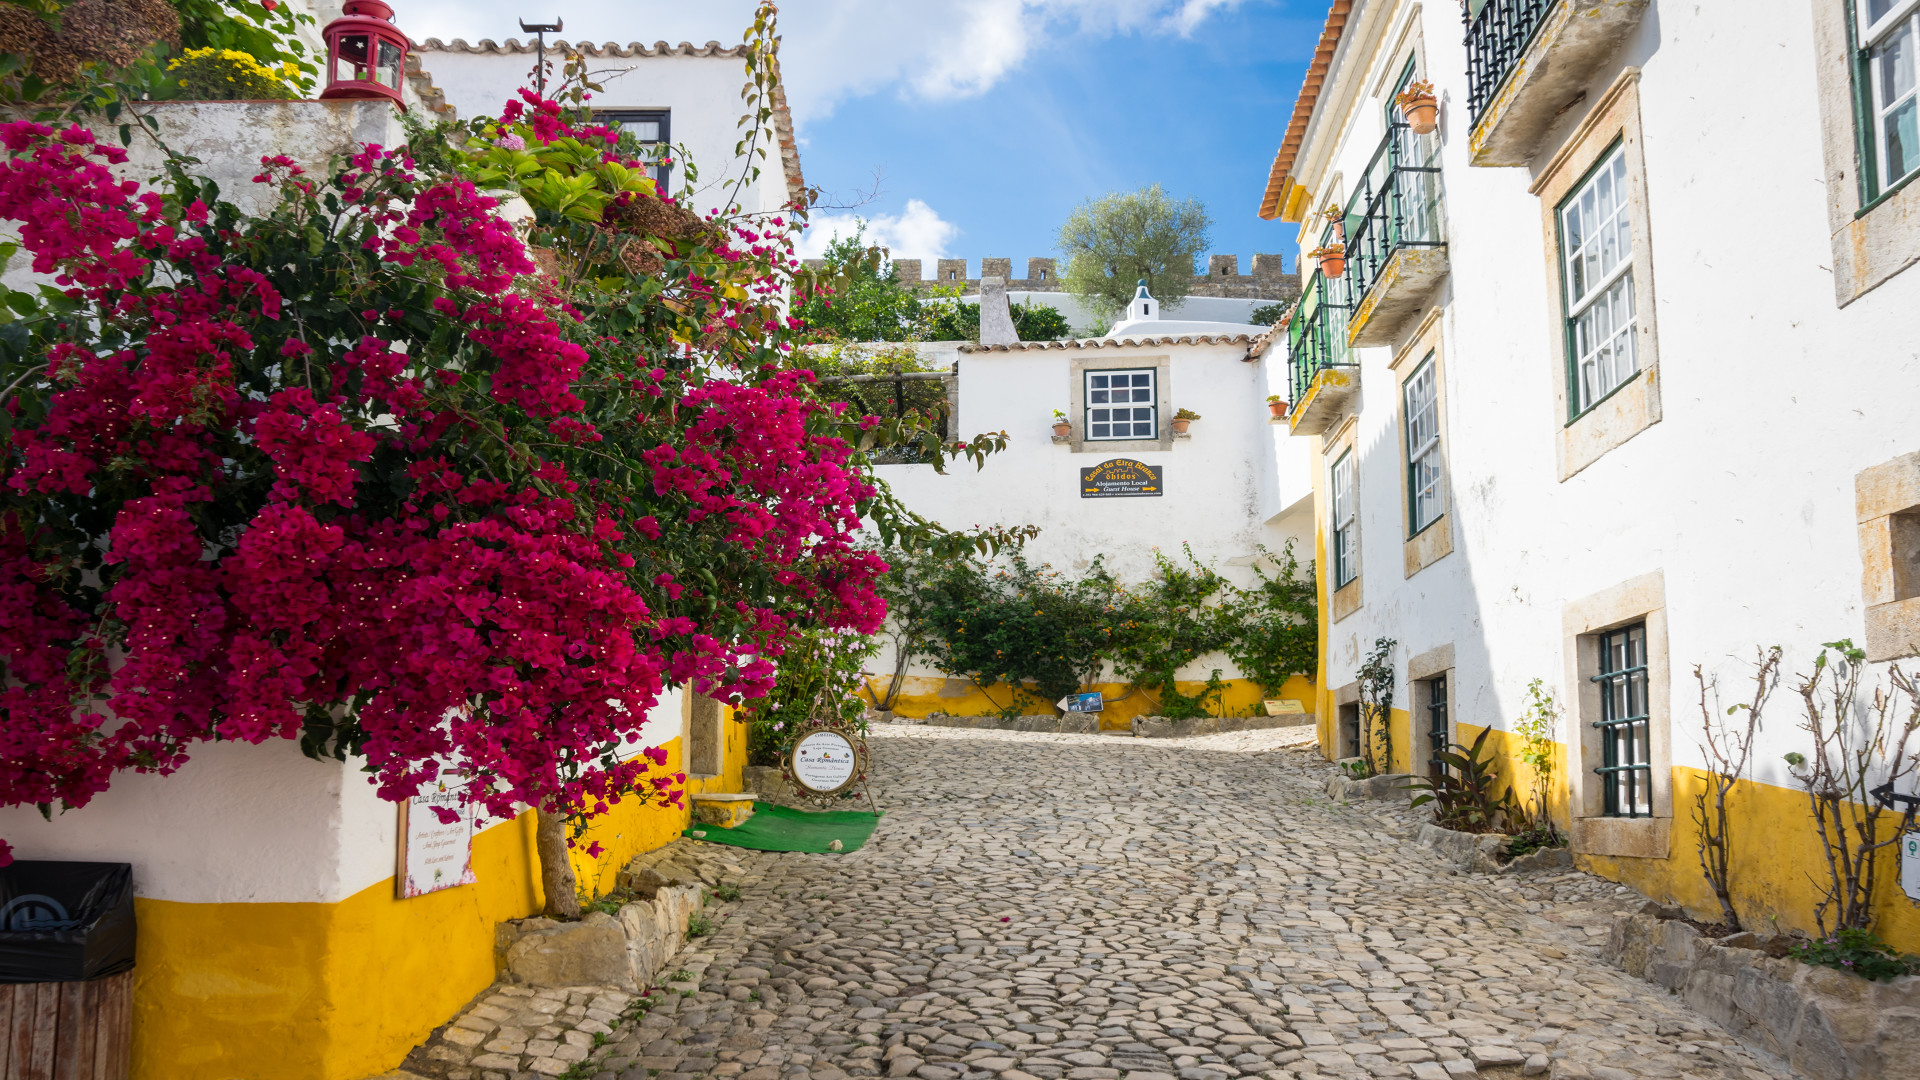 Straat in Obidos met kleurrijke bloemen, Obidos, Portugal